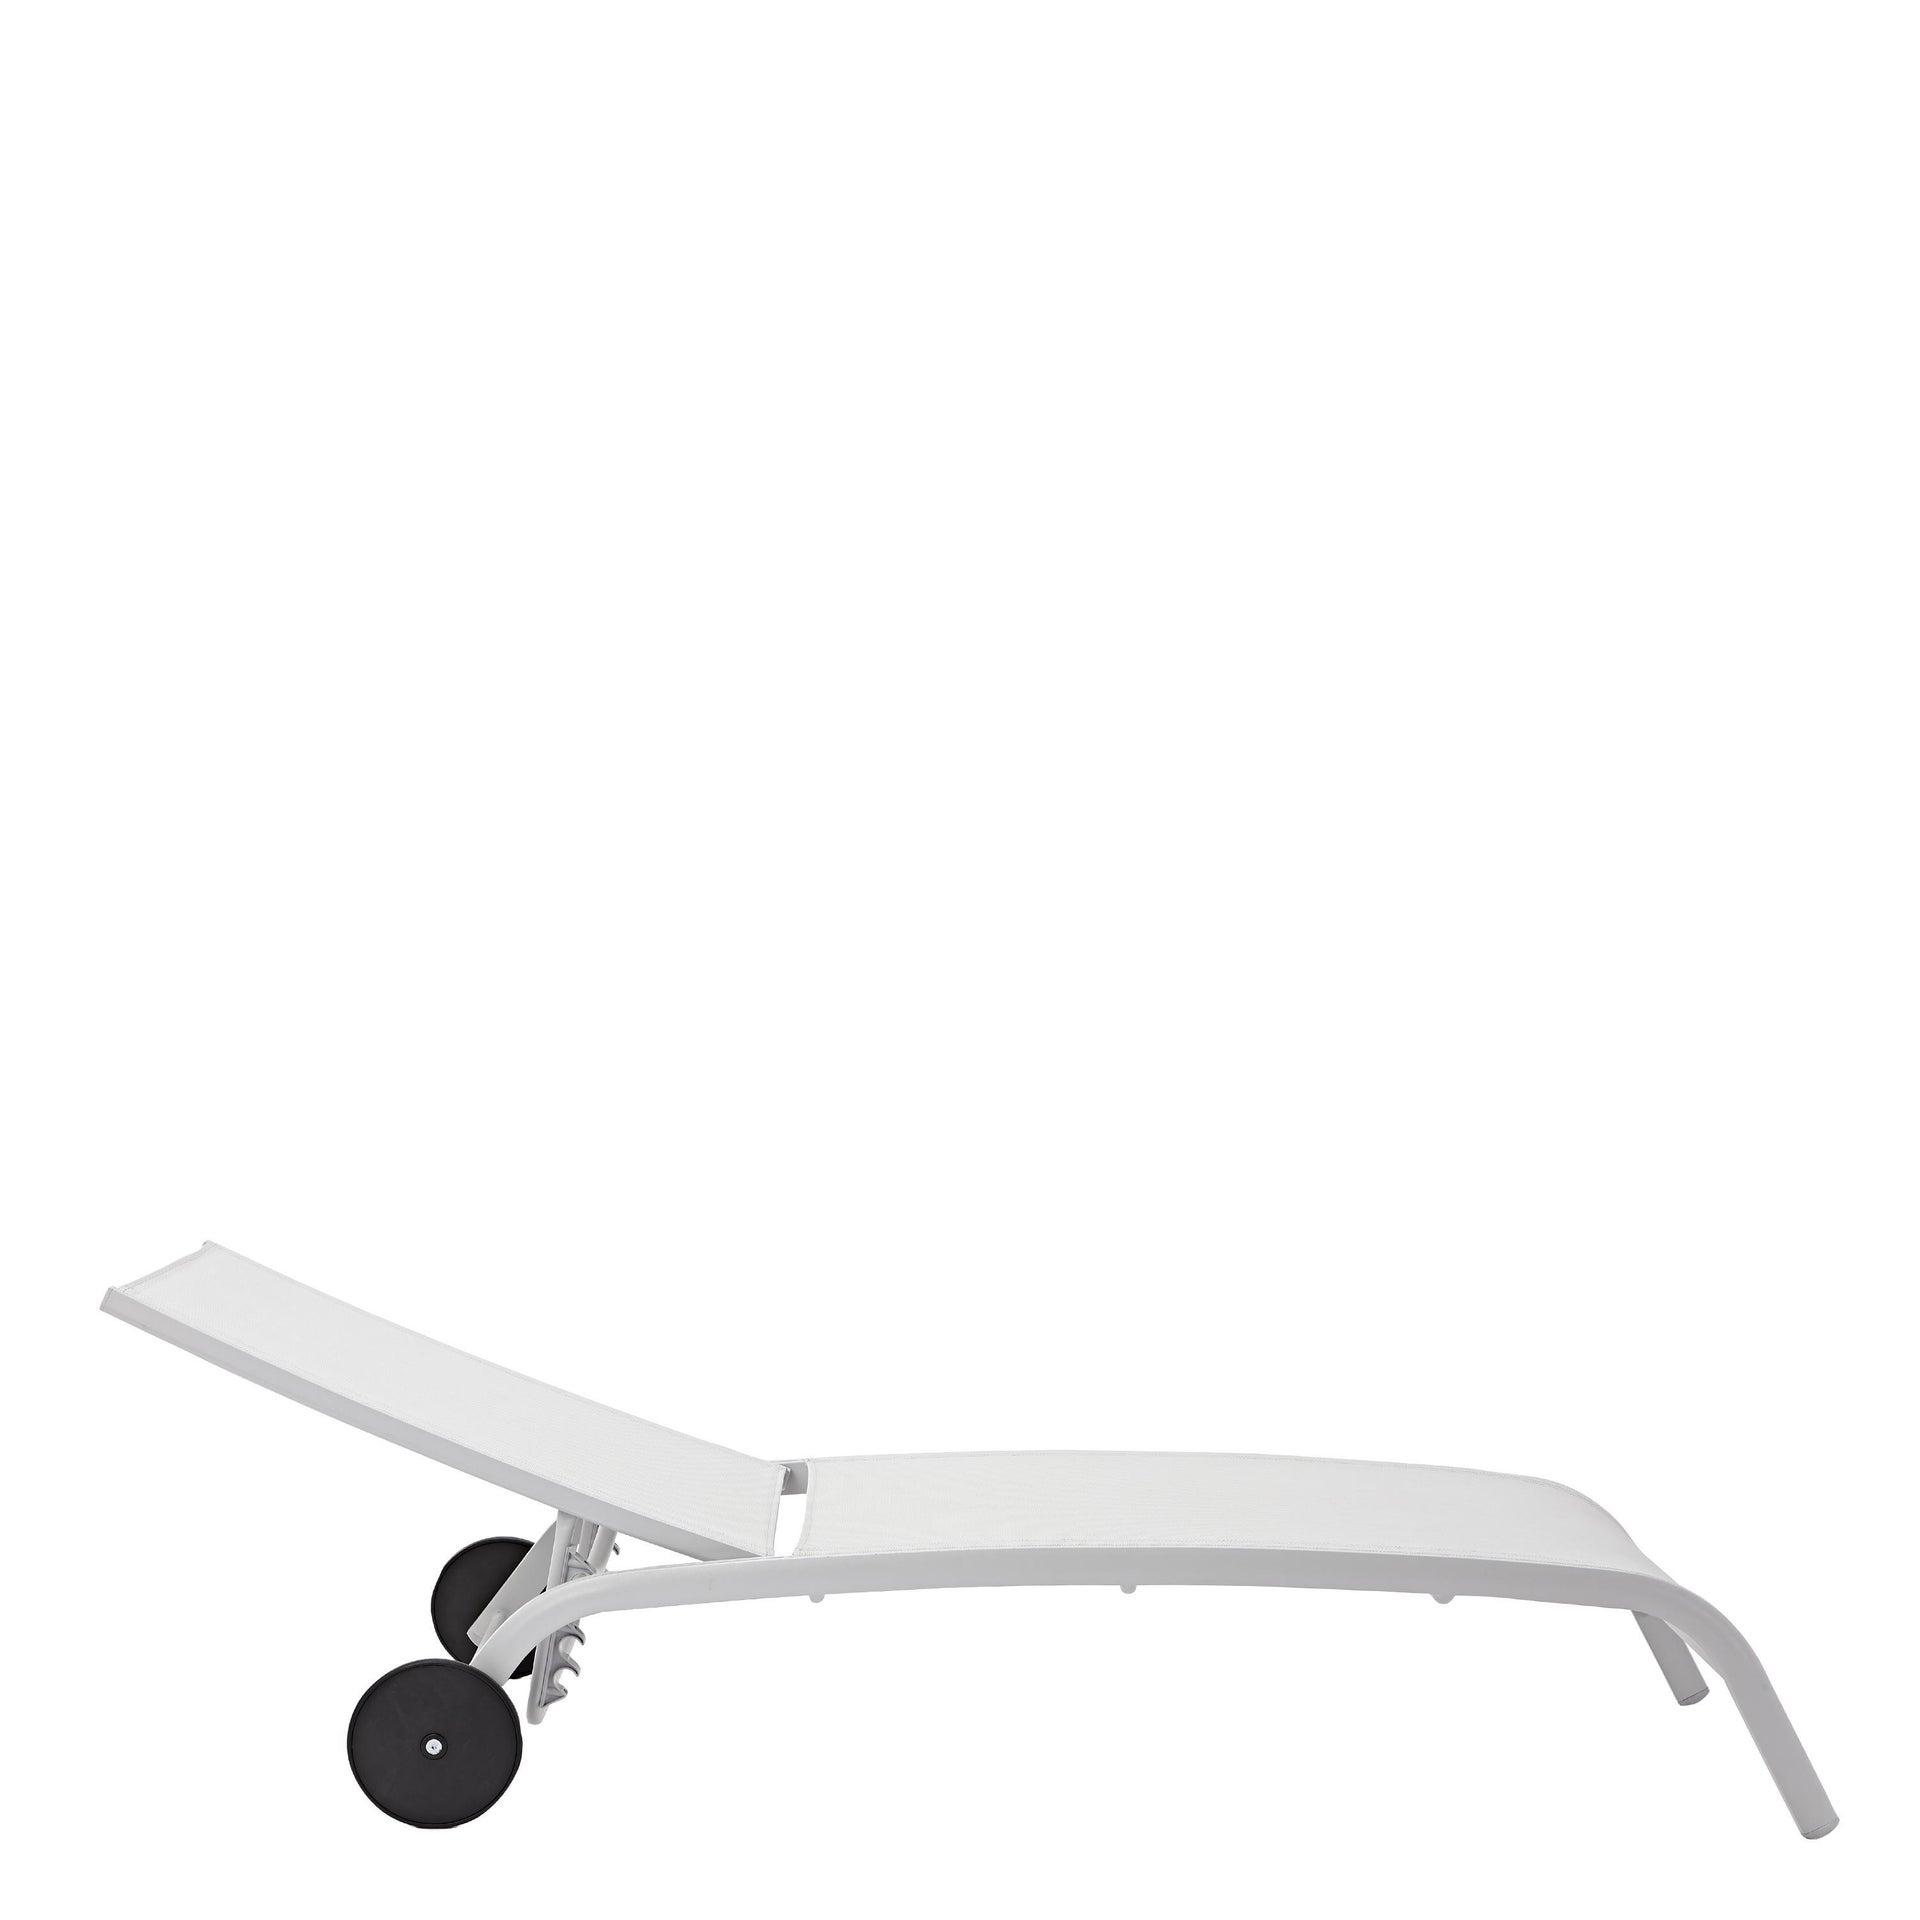 Lettino senza cuscino impilabile NATERIAL Lyra in alluminio grigio scuro - 18